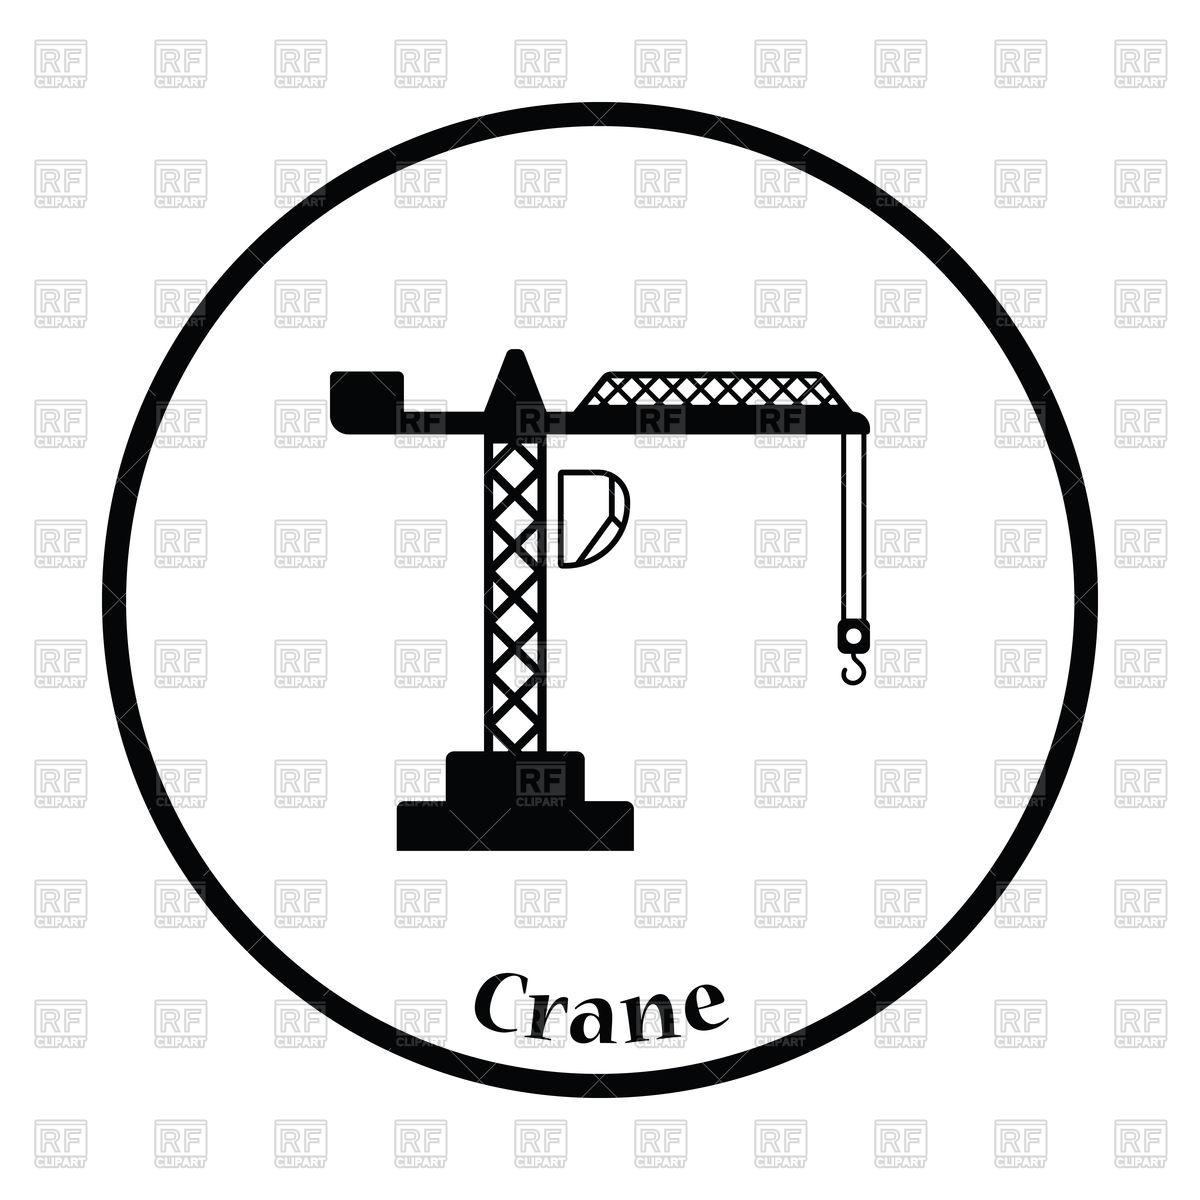 1200x1200 Icon Of Crane Vector Image Vector Artwork Of Signs, Symbols